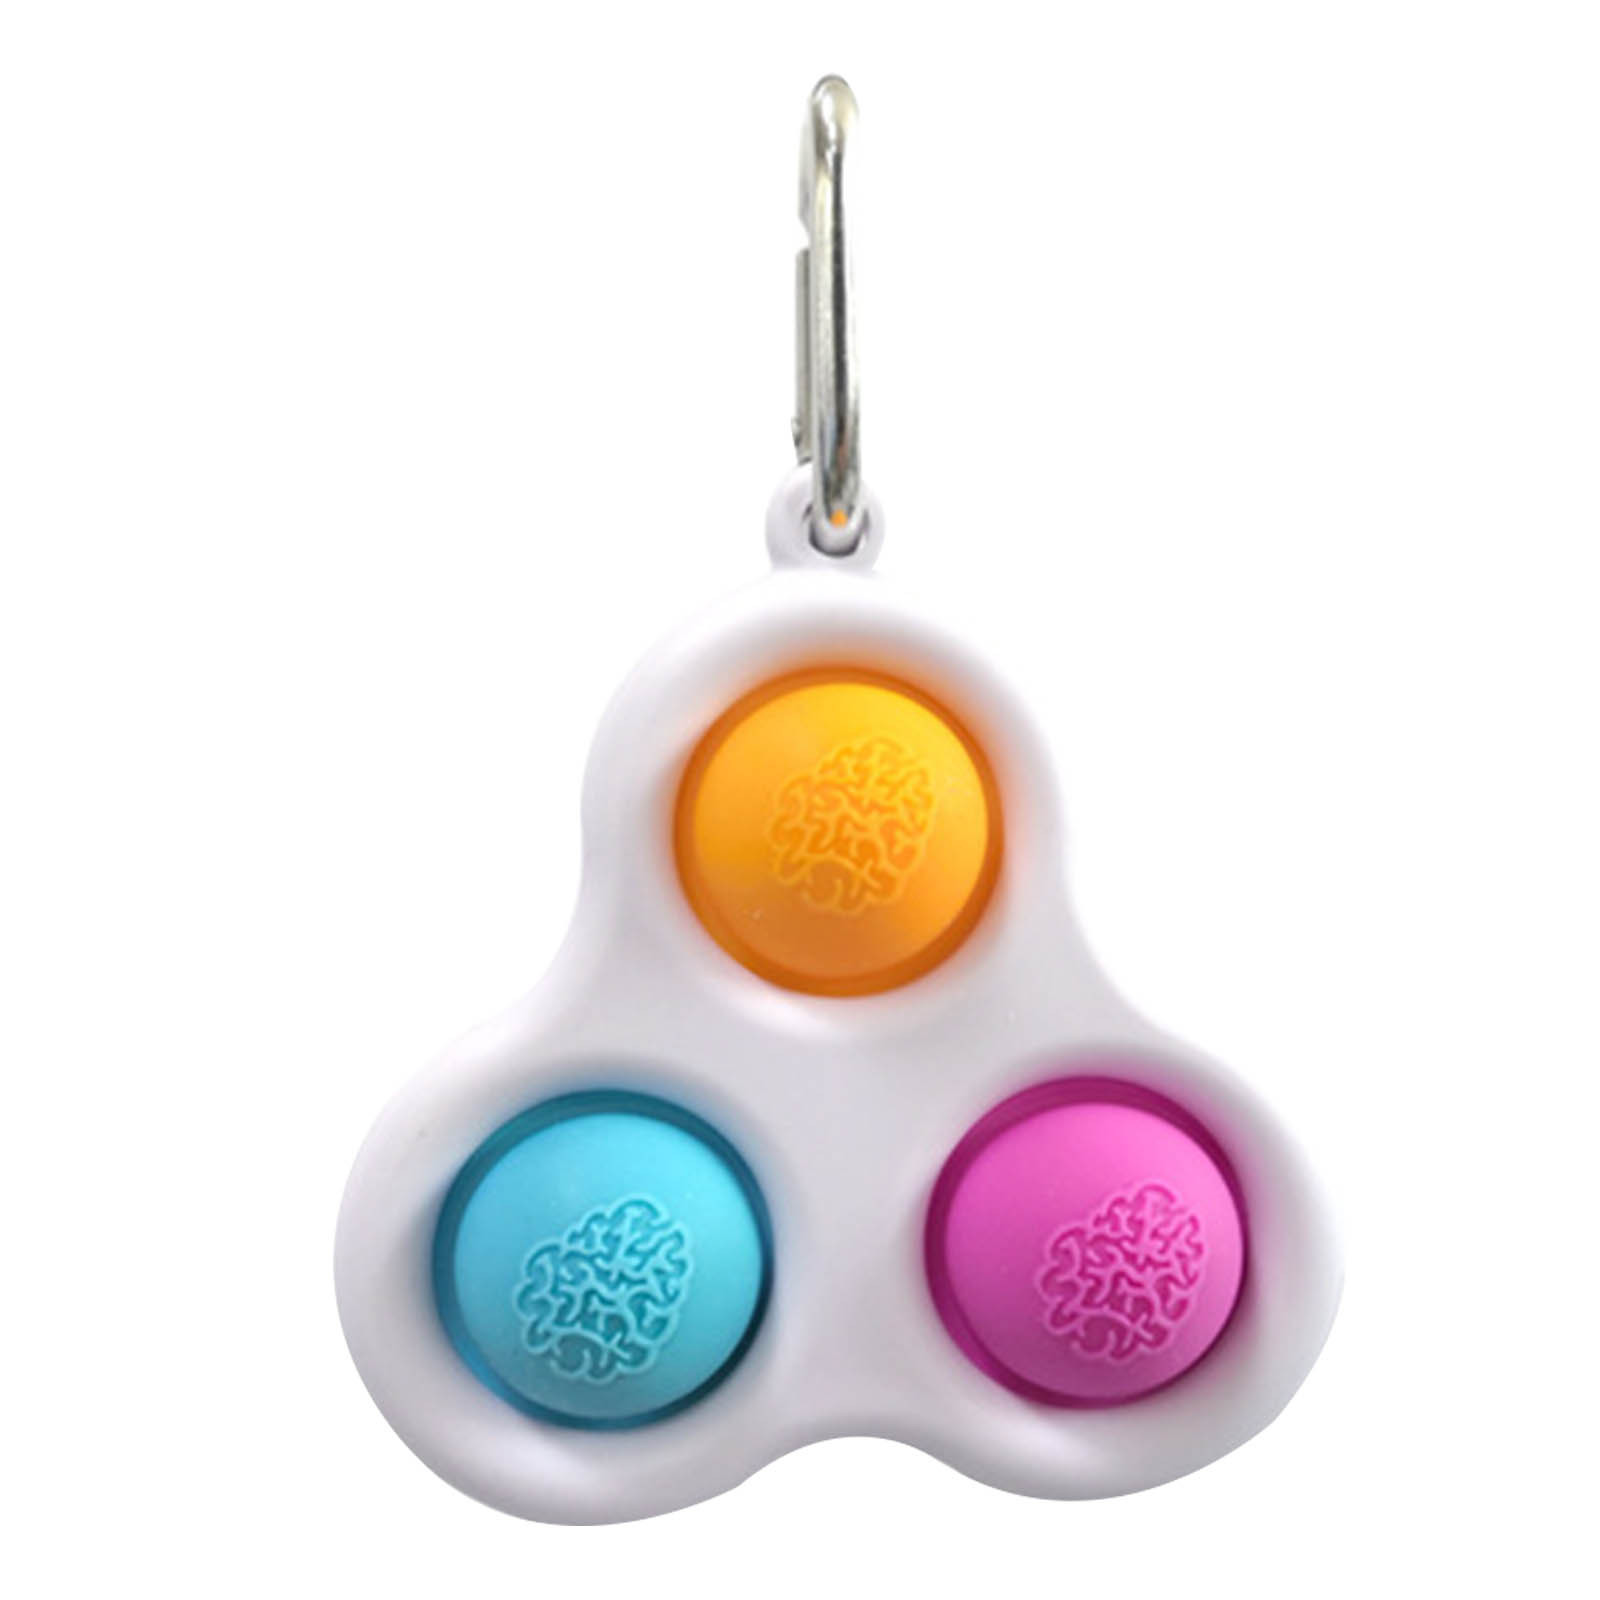 Для детей и взрослых простой улыбающегося беспокойная игрушка в наличии креативная игрушка мини улыбающегося игрушка Давление снятие плат...